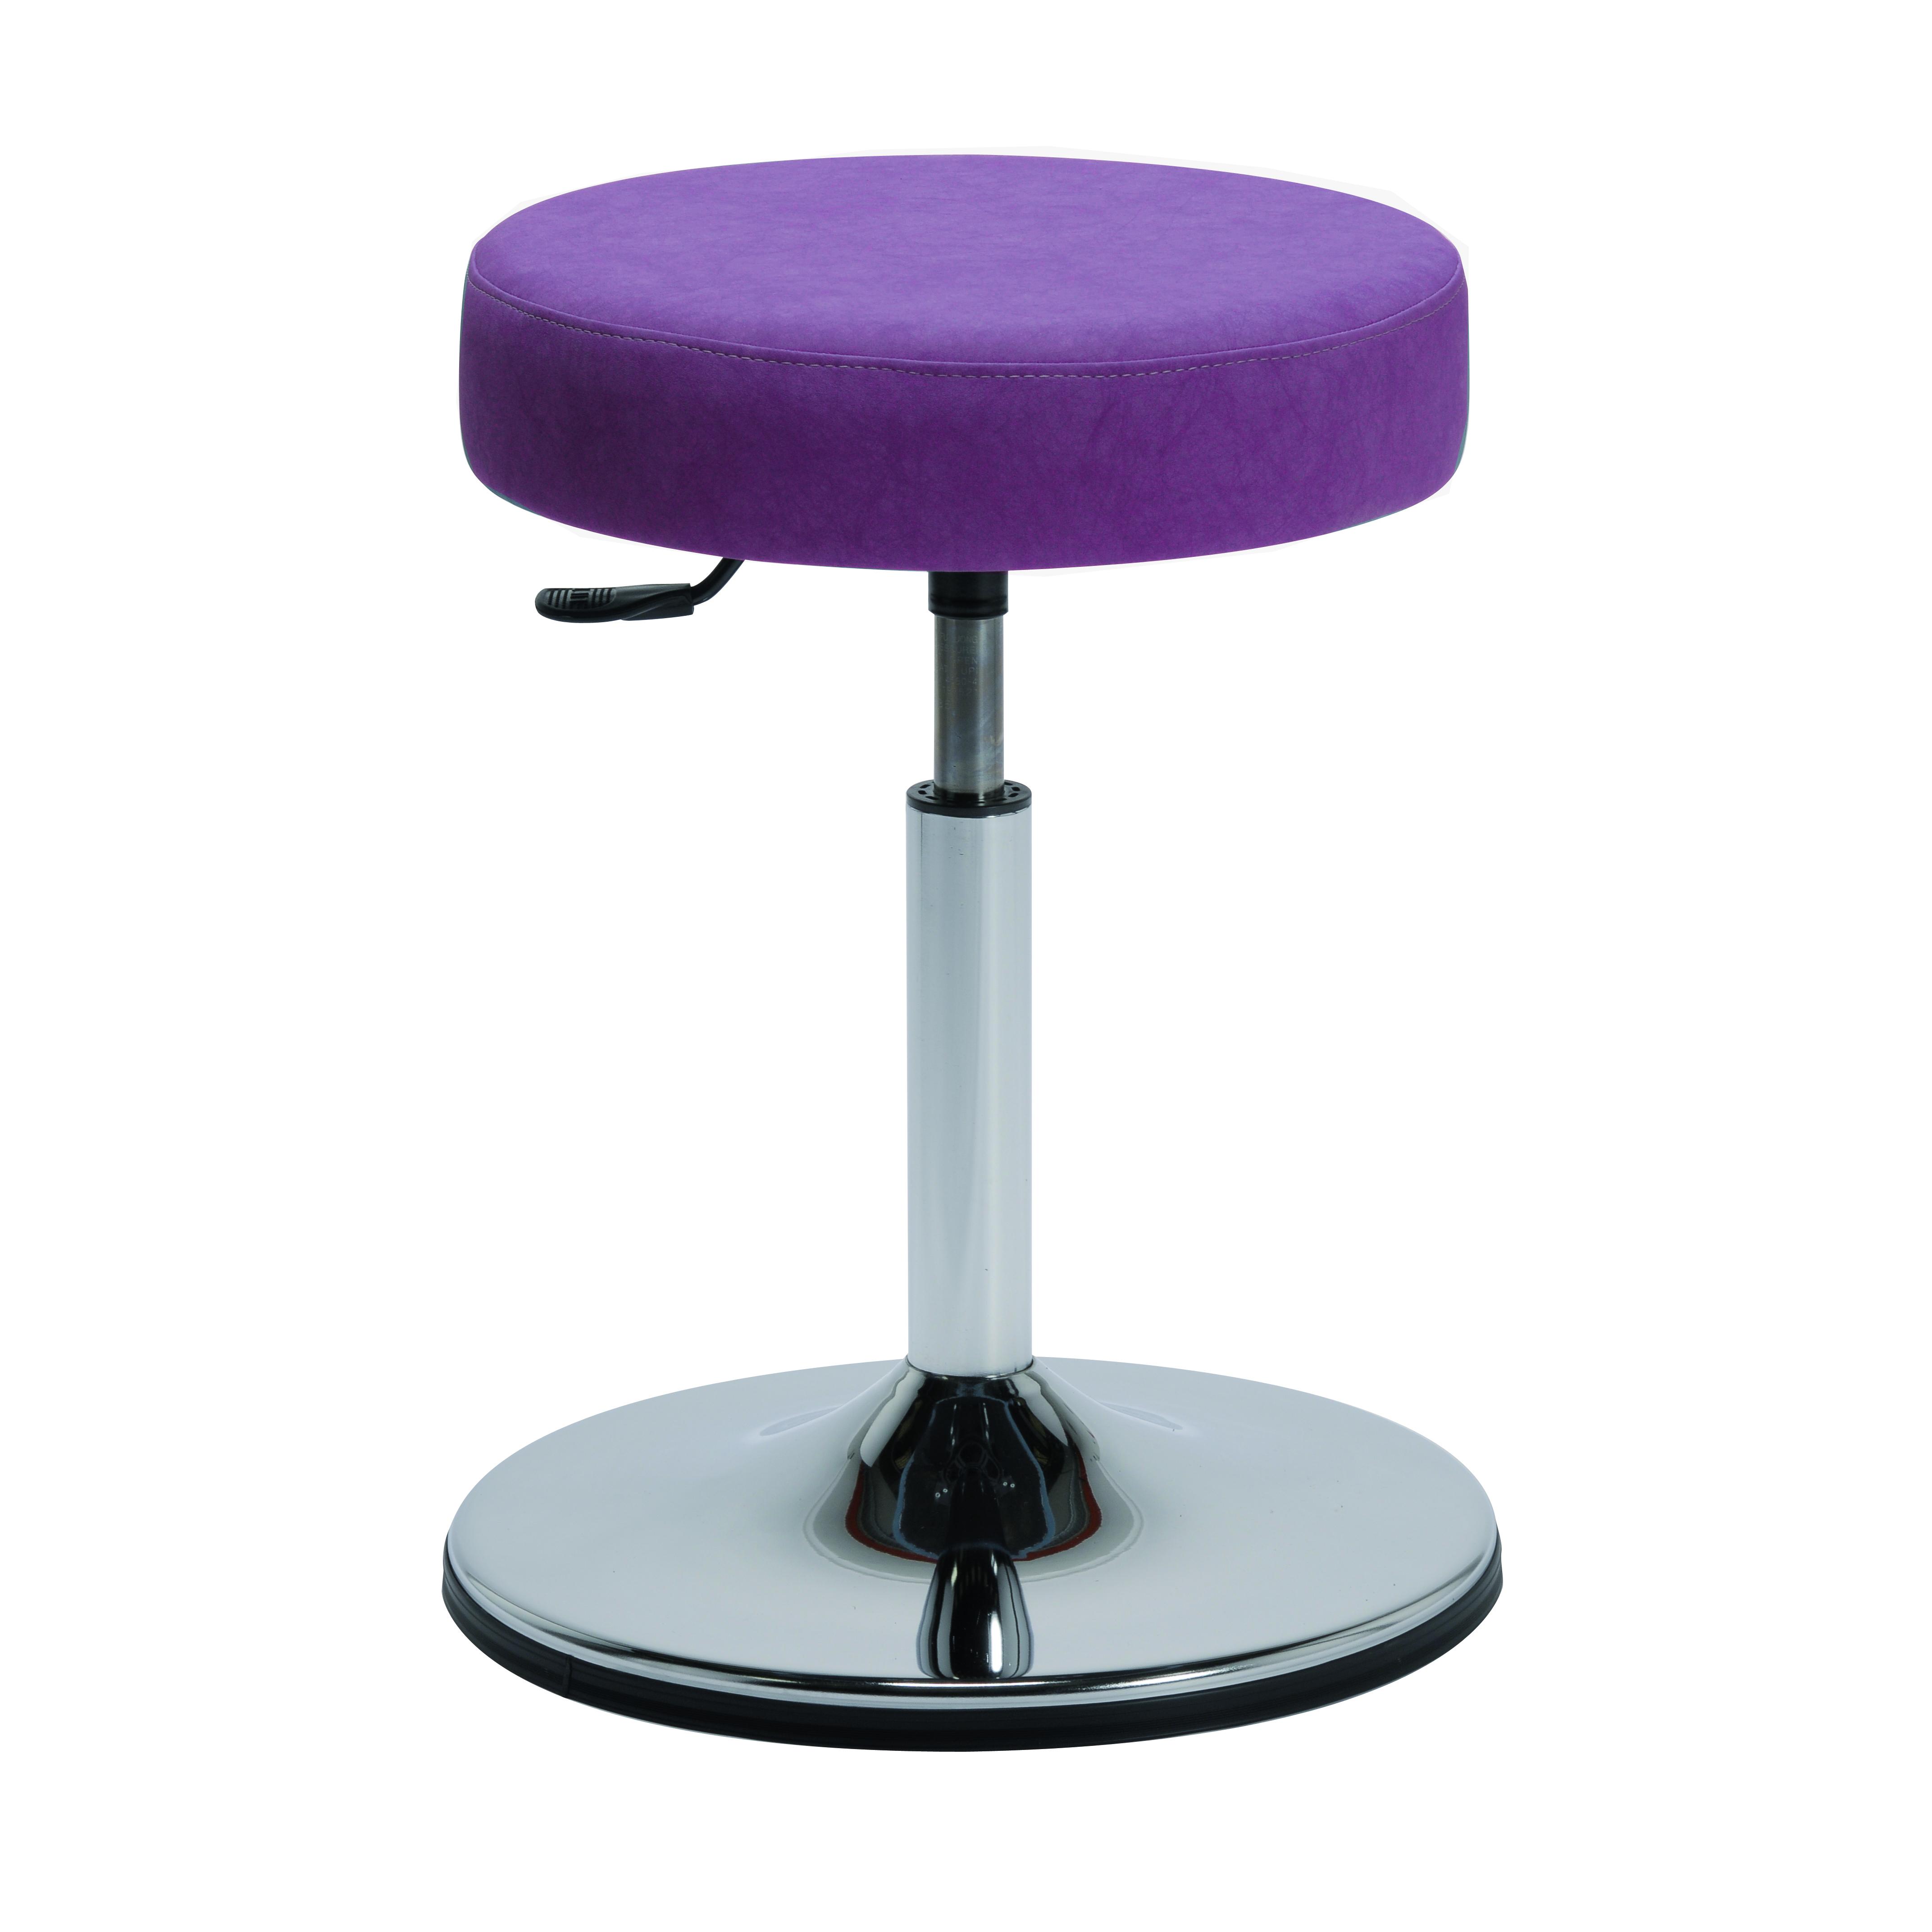 Le tabouret design ACTUAL de siegepro.com avec assise confort coloris prune et vérin bas